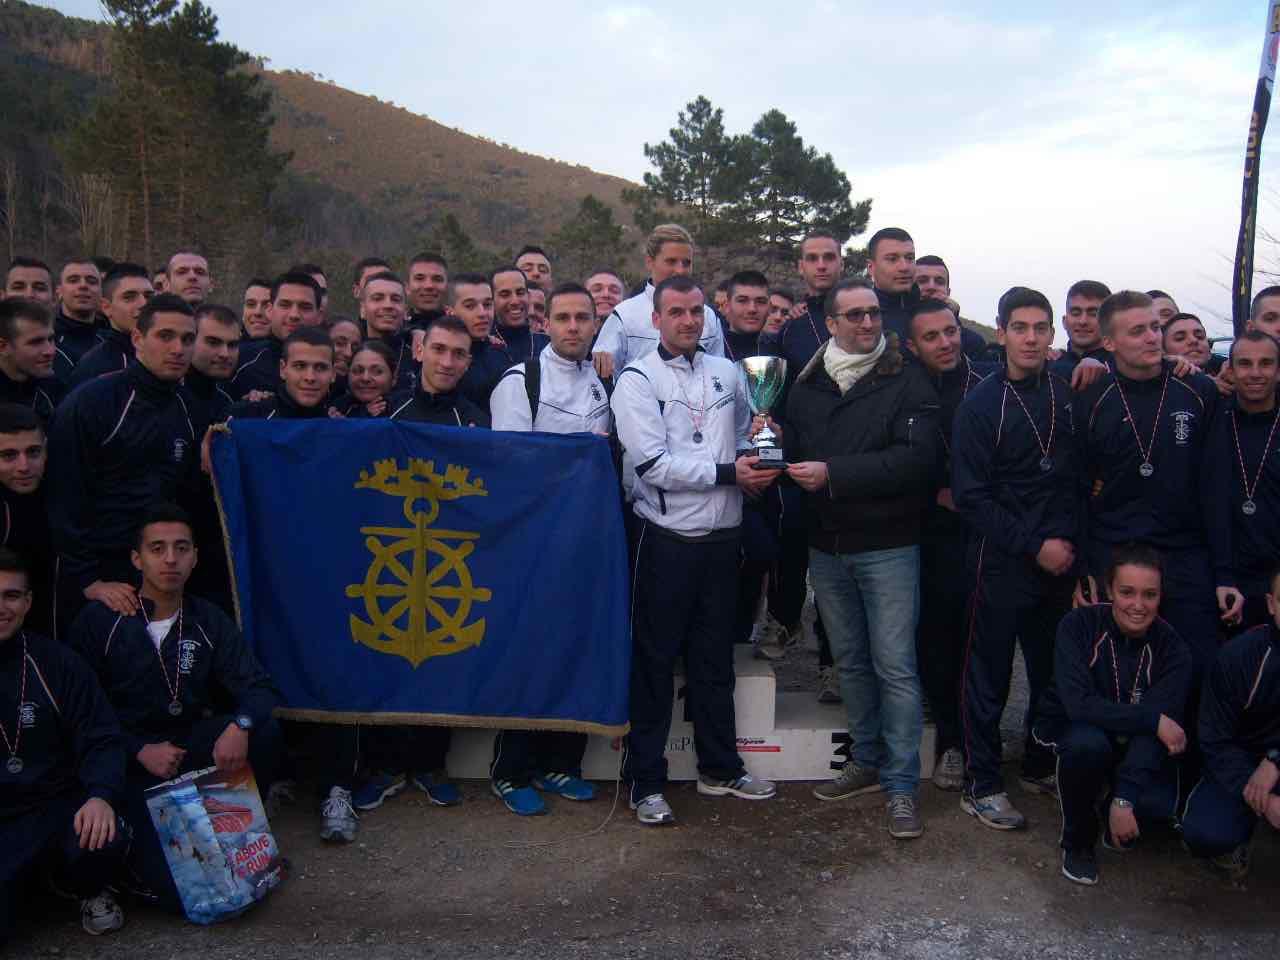 You are browsing images from the article: X Gran Premio del Monte Serra - Ragazzi del Vega 10